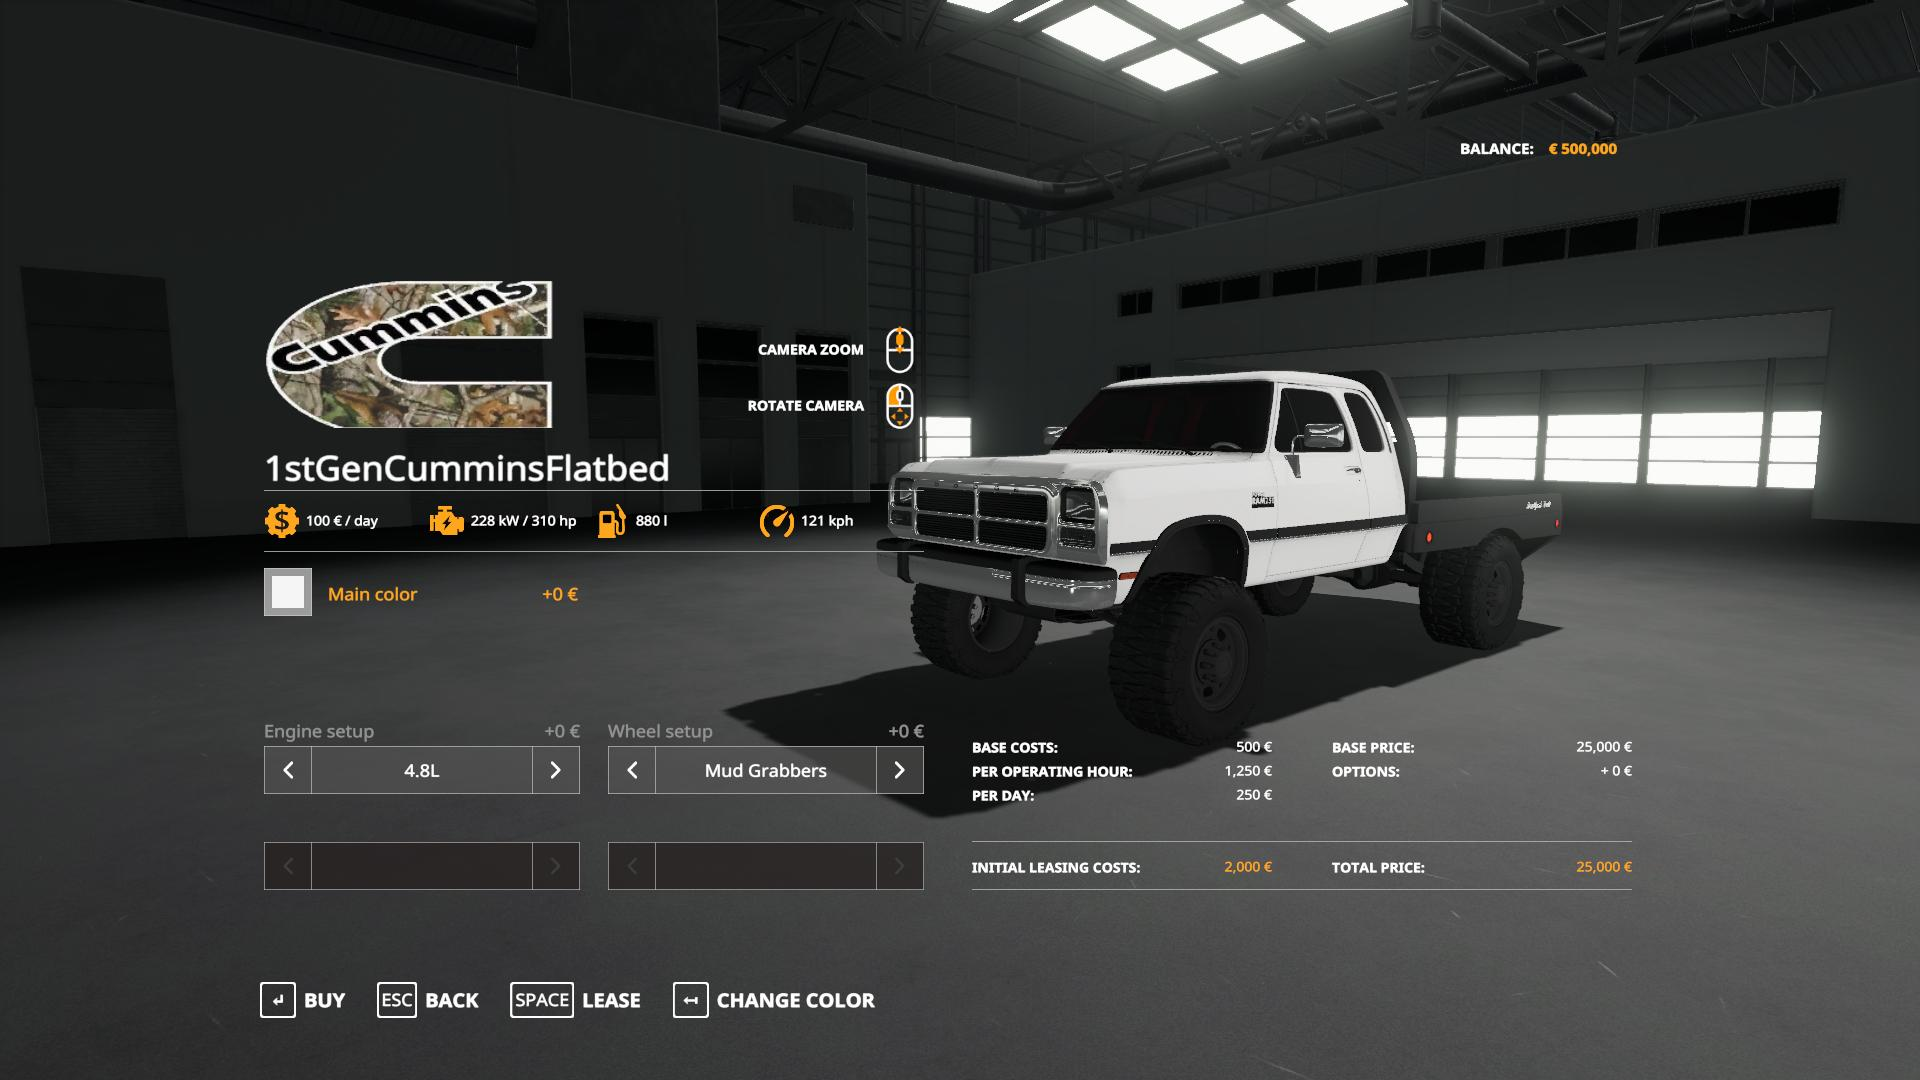 1st Gen Cummins Flatbed V2 0 Fs 2019 Farming Simulator 2017 Mod Ls 2017 Mod Fs 17 Mod